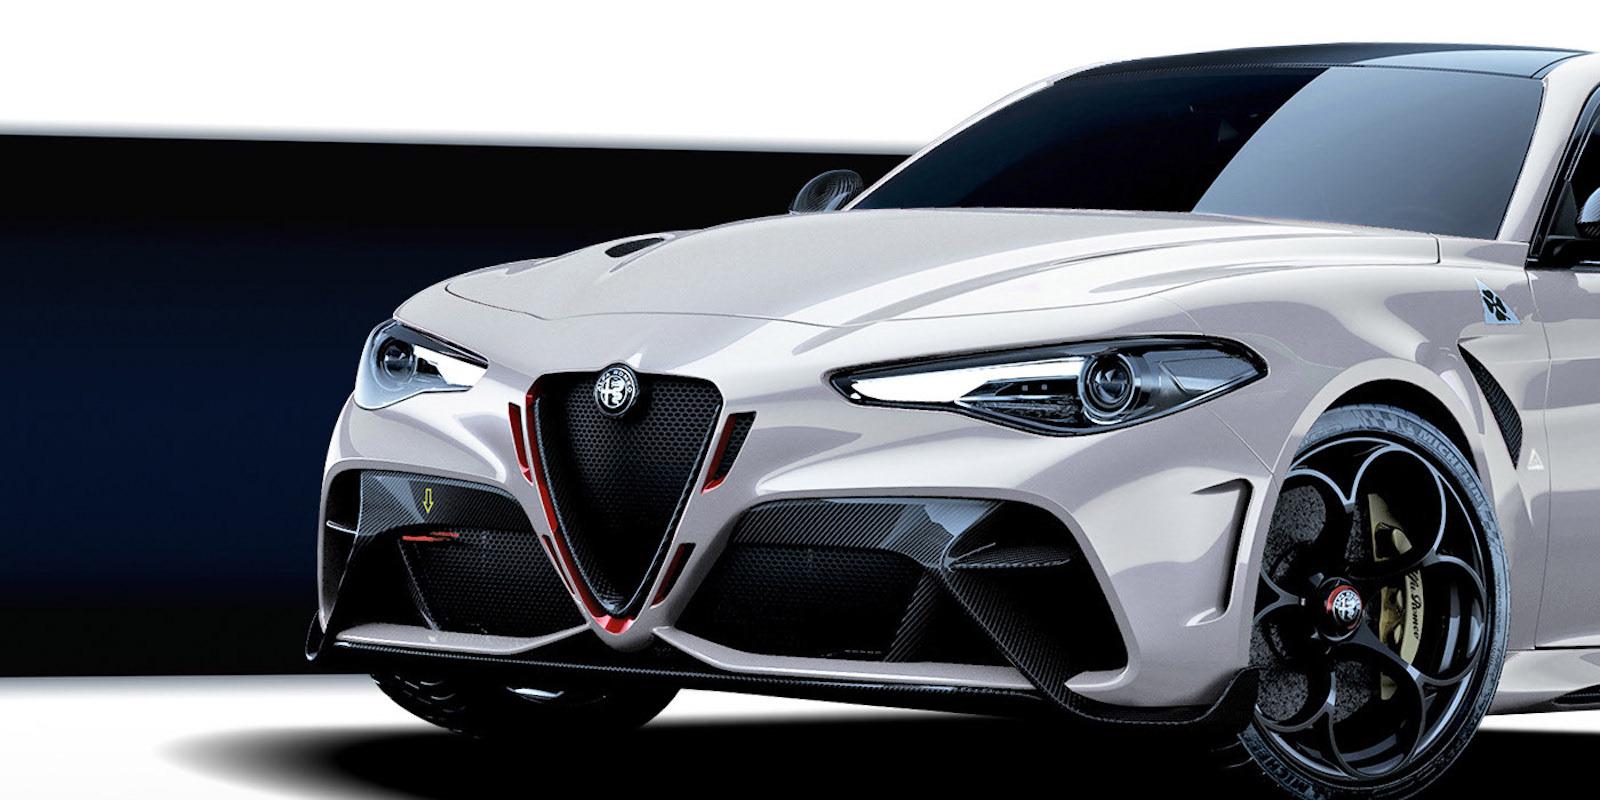 Alfa Romeo Giulia Gta Coupe 3